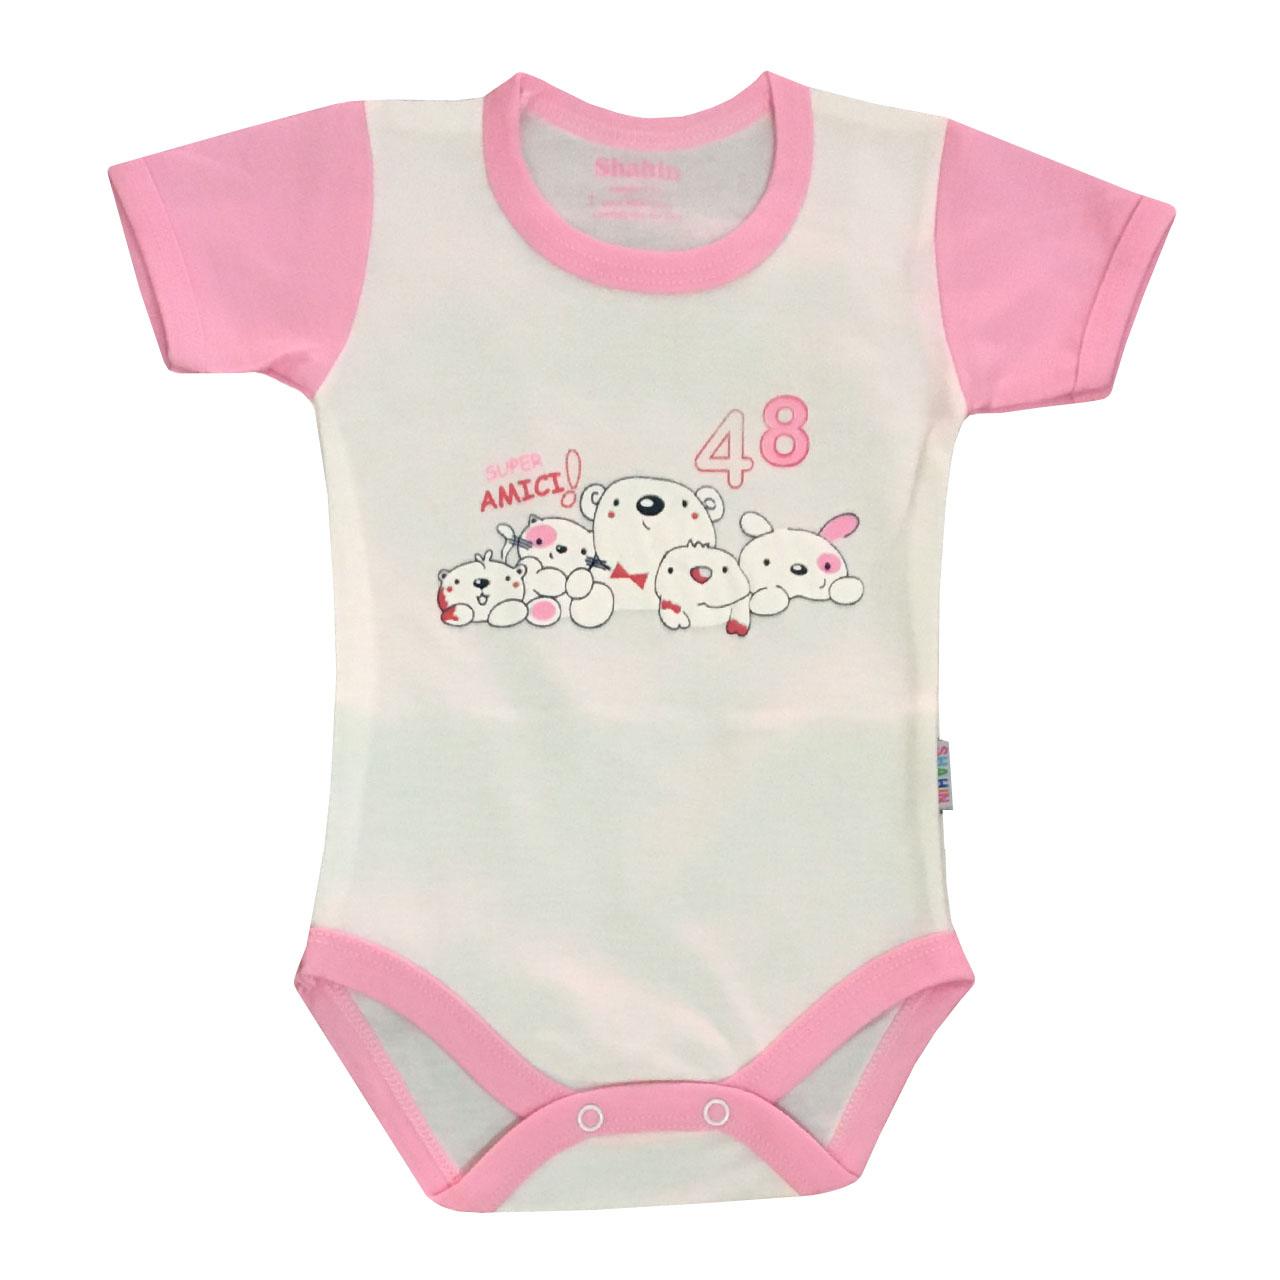 ست 3 تکه لباس نوزادی دخترانه شاهین طرح امیکی کد k -  - 3